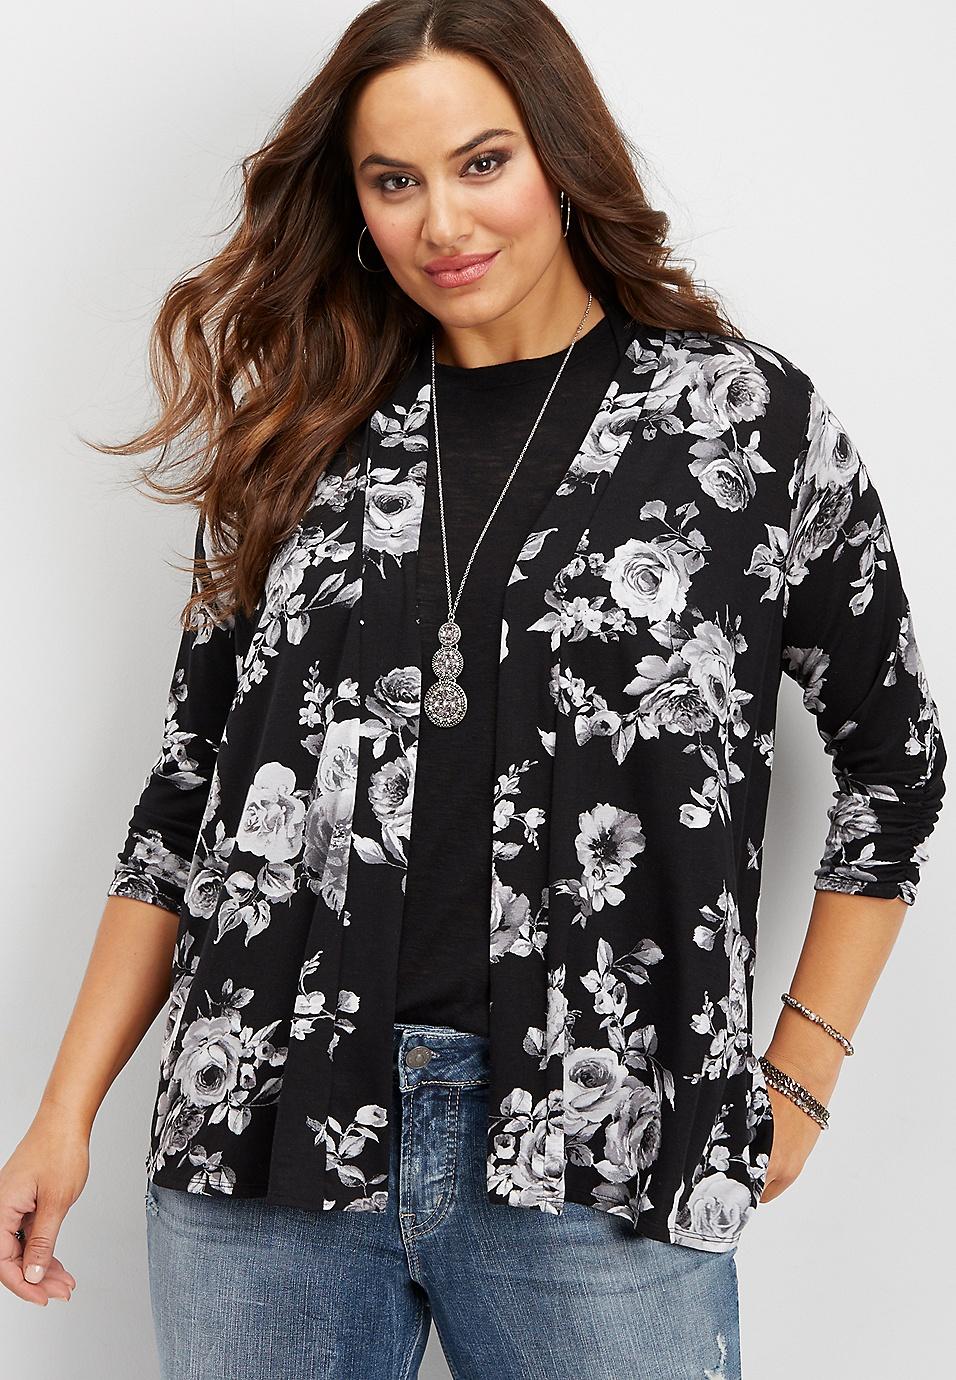 940240279d3 plus size open front floral cardigan